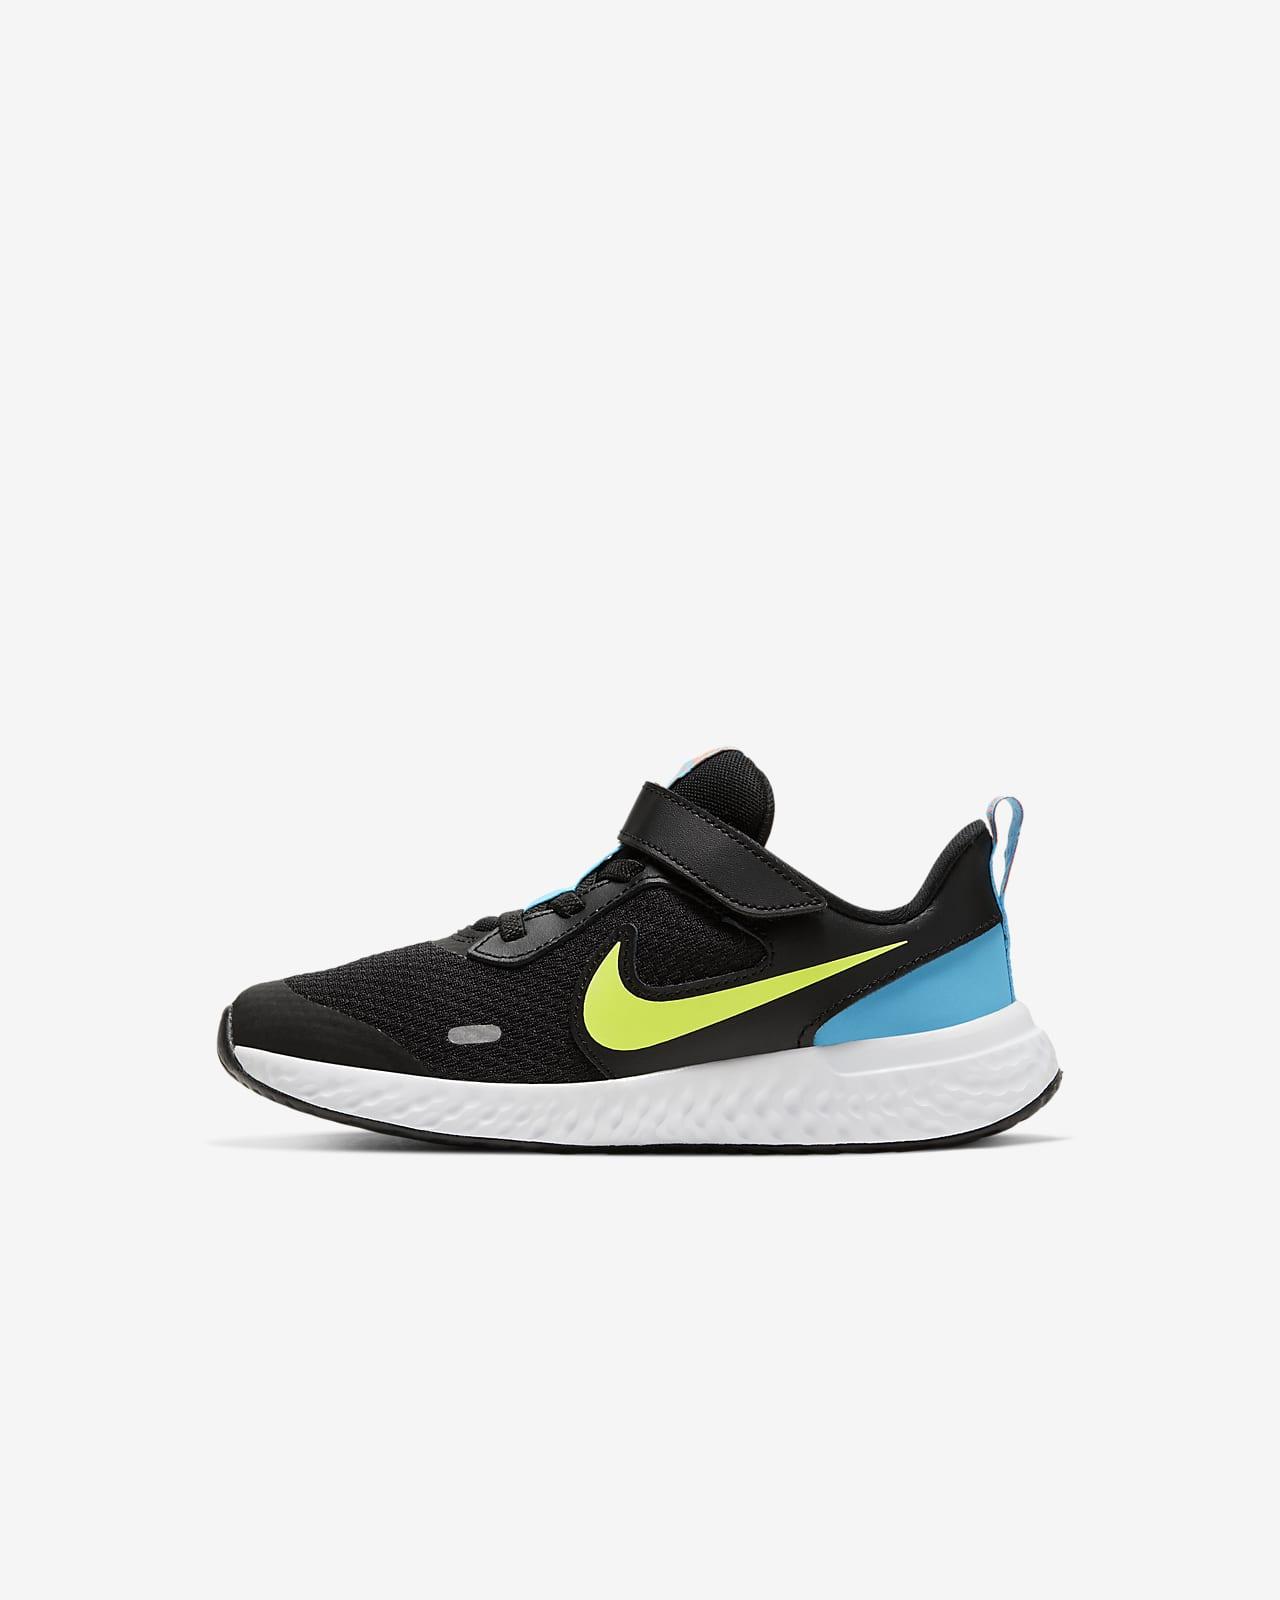 Bota Nike Revolution 5 pro malé děti